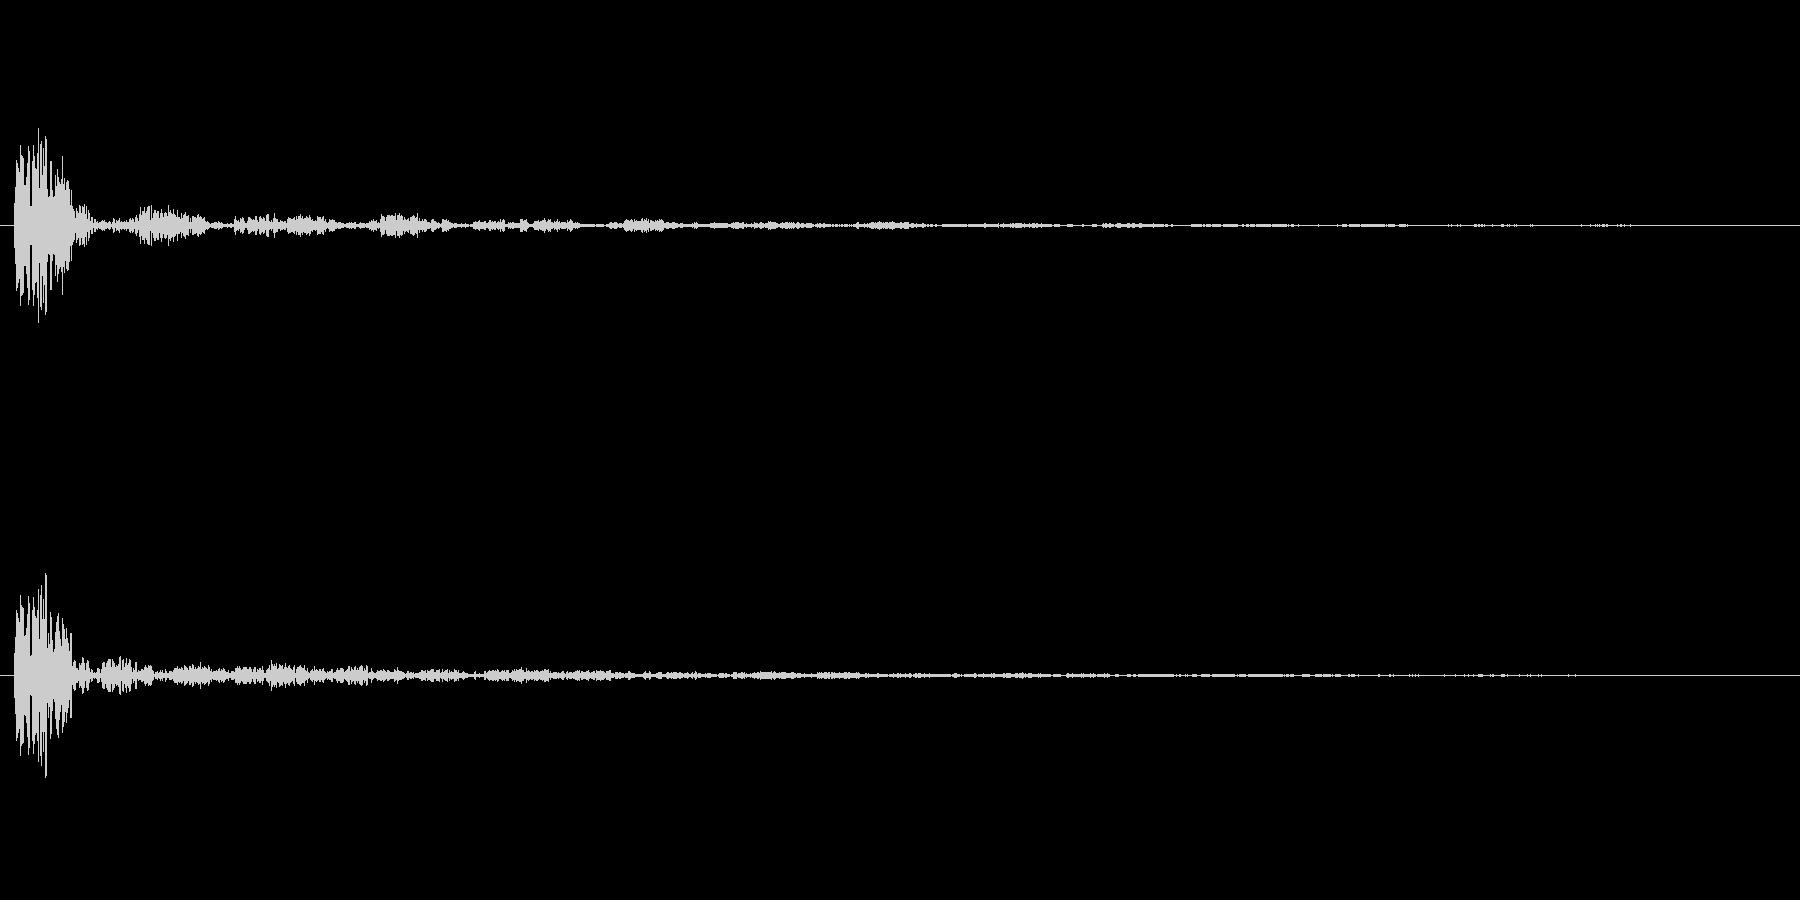 ボン+せり上がりの余韻の未再生の波形